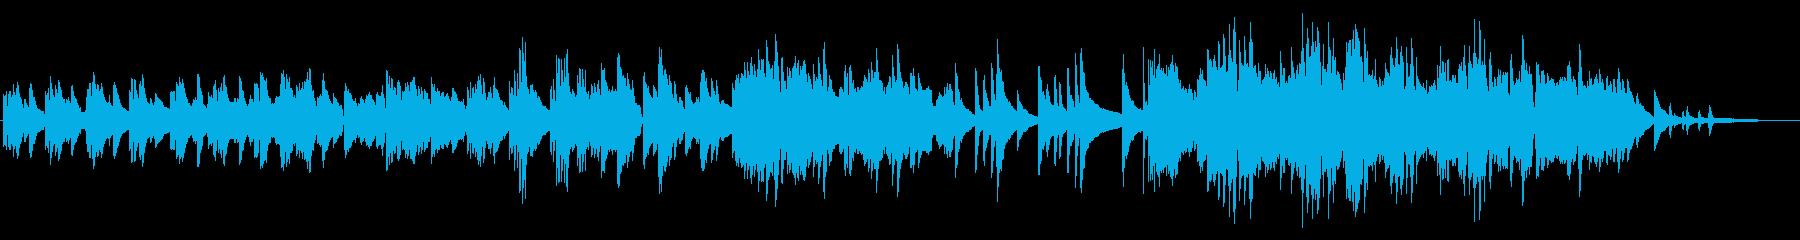 小雨の落ち着くイメージのピアノソロの再生済みの波形